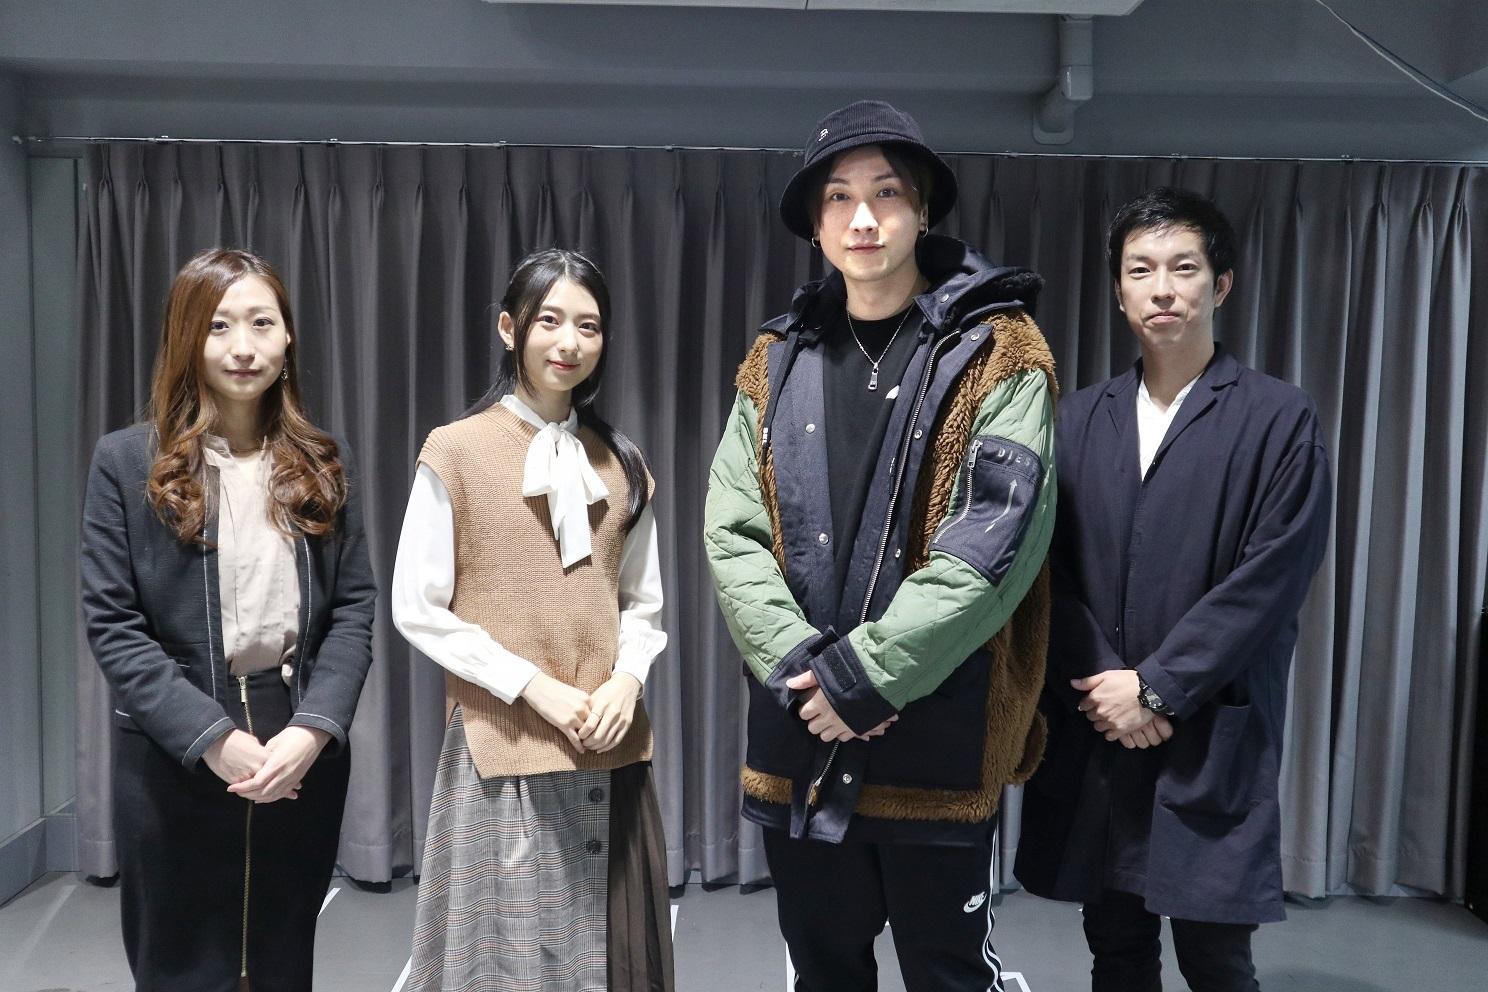 左から原作プロデューサー:神谷佐織、川村海乃、細貝圭、演出:大関真、